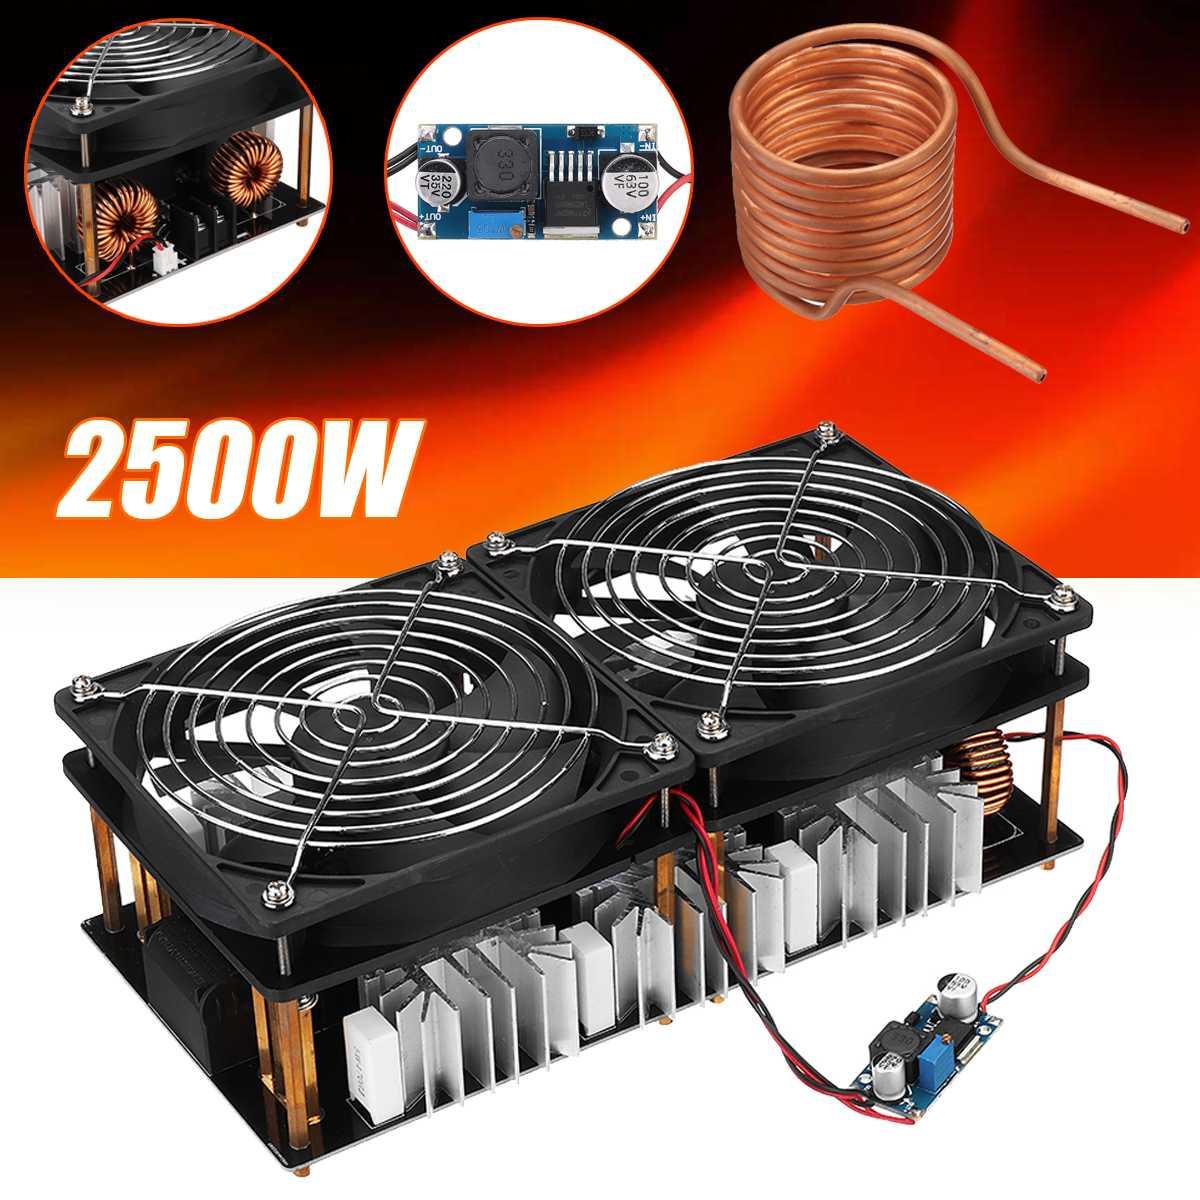 1800 W/2500 W Aquecedor De Indução Máquina de Aquecimento Por Indução PCB Módulo Board Flyback ZVS Motorista Interface de Aquecedor Ventilador de Refrigeração + bobina